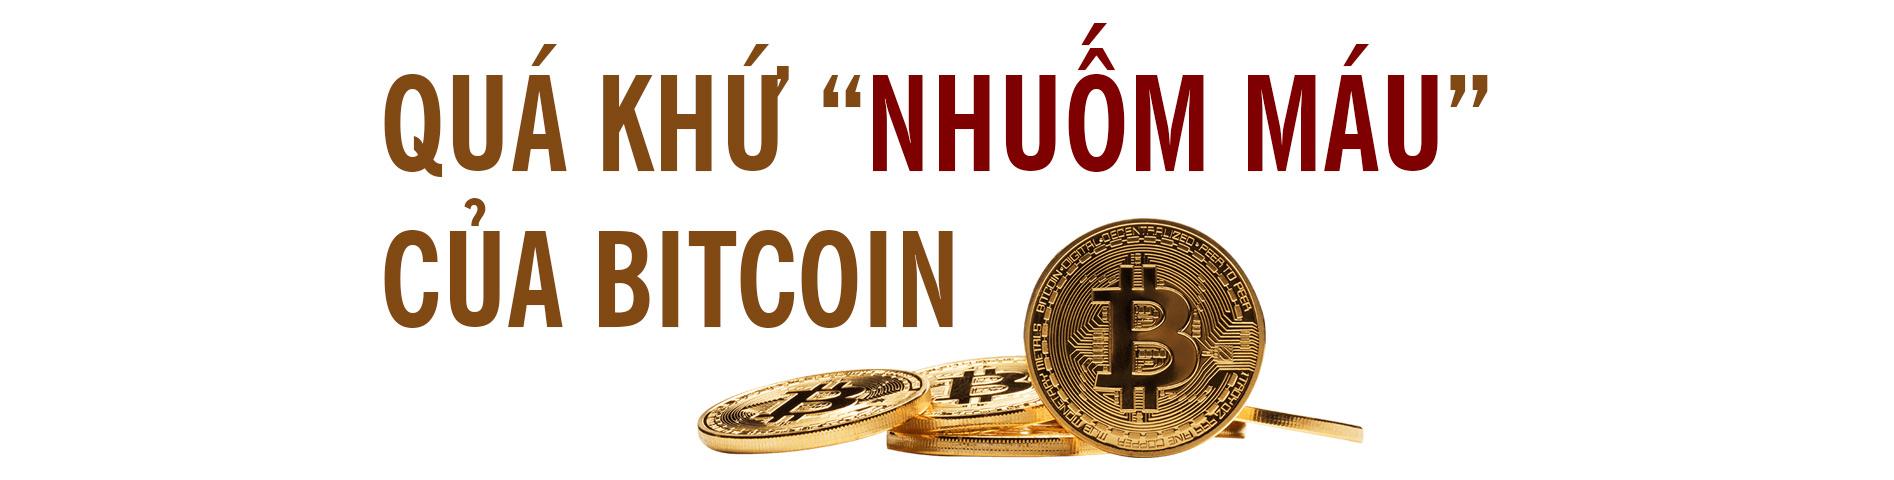 """Tiền ảo Bitcoin: Khi giá """"nhảy khỏi cửa sổ"""" và rơi tự do - 4"""